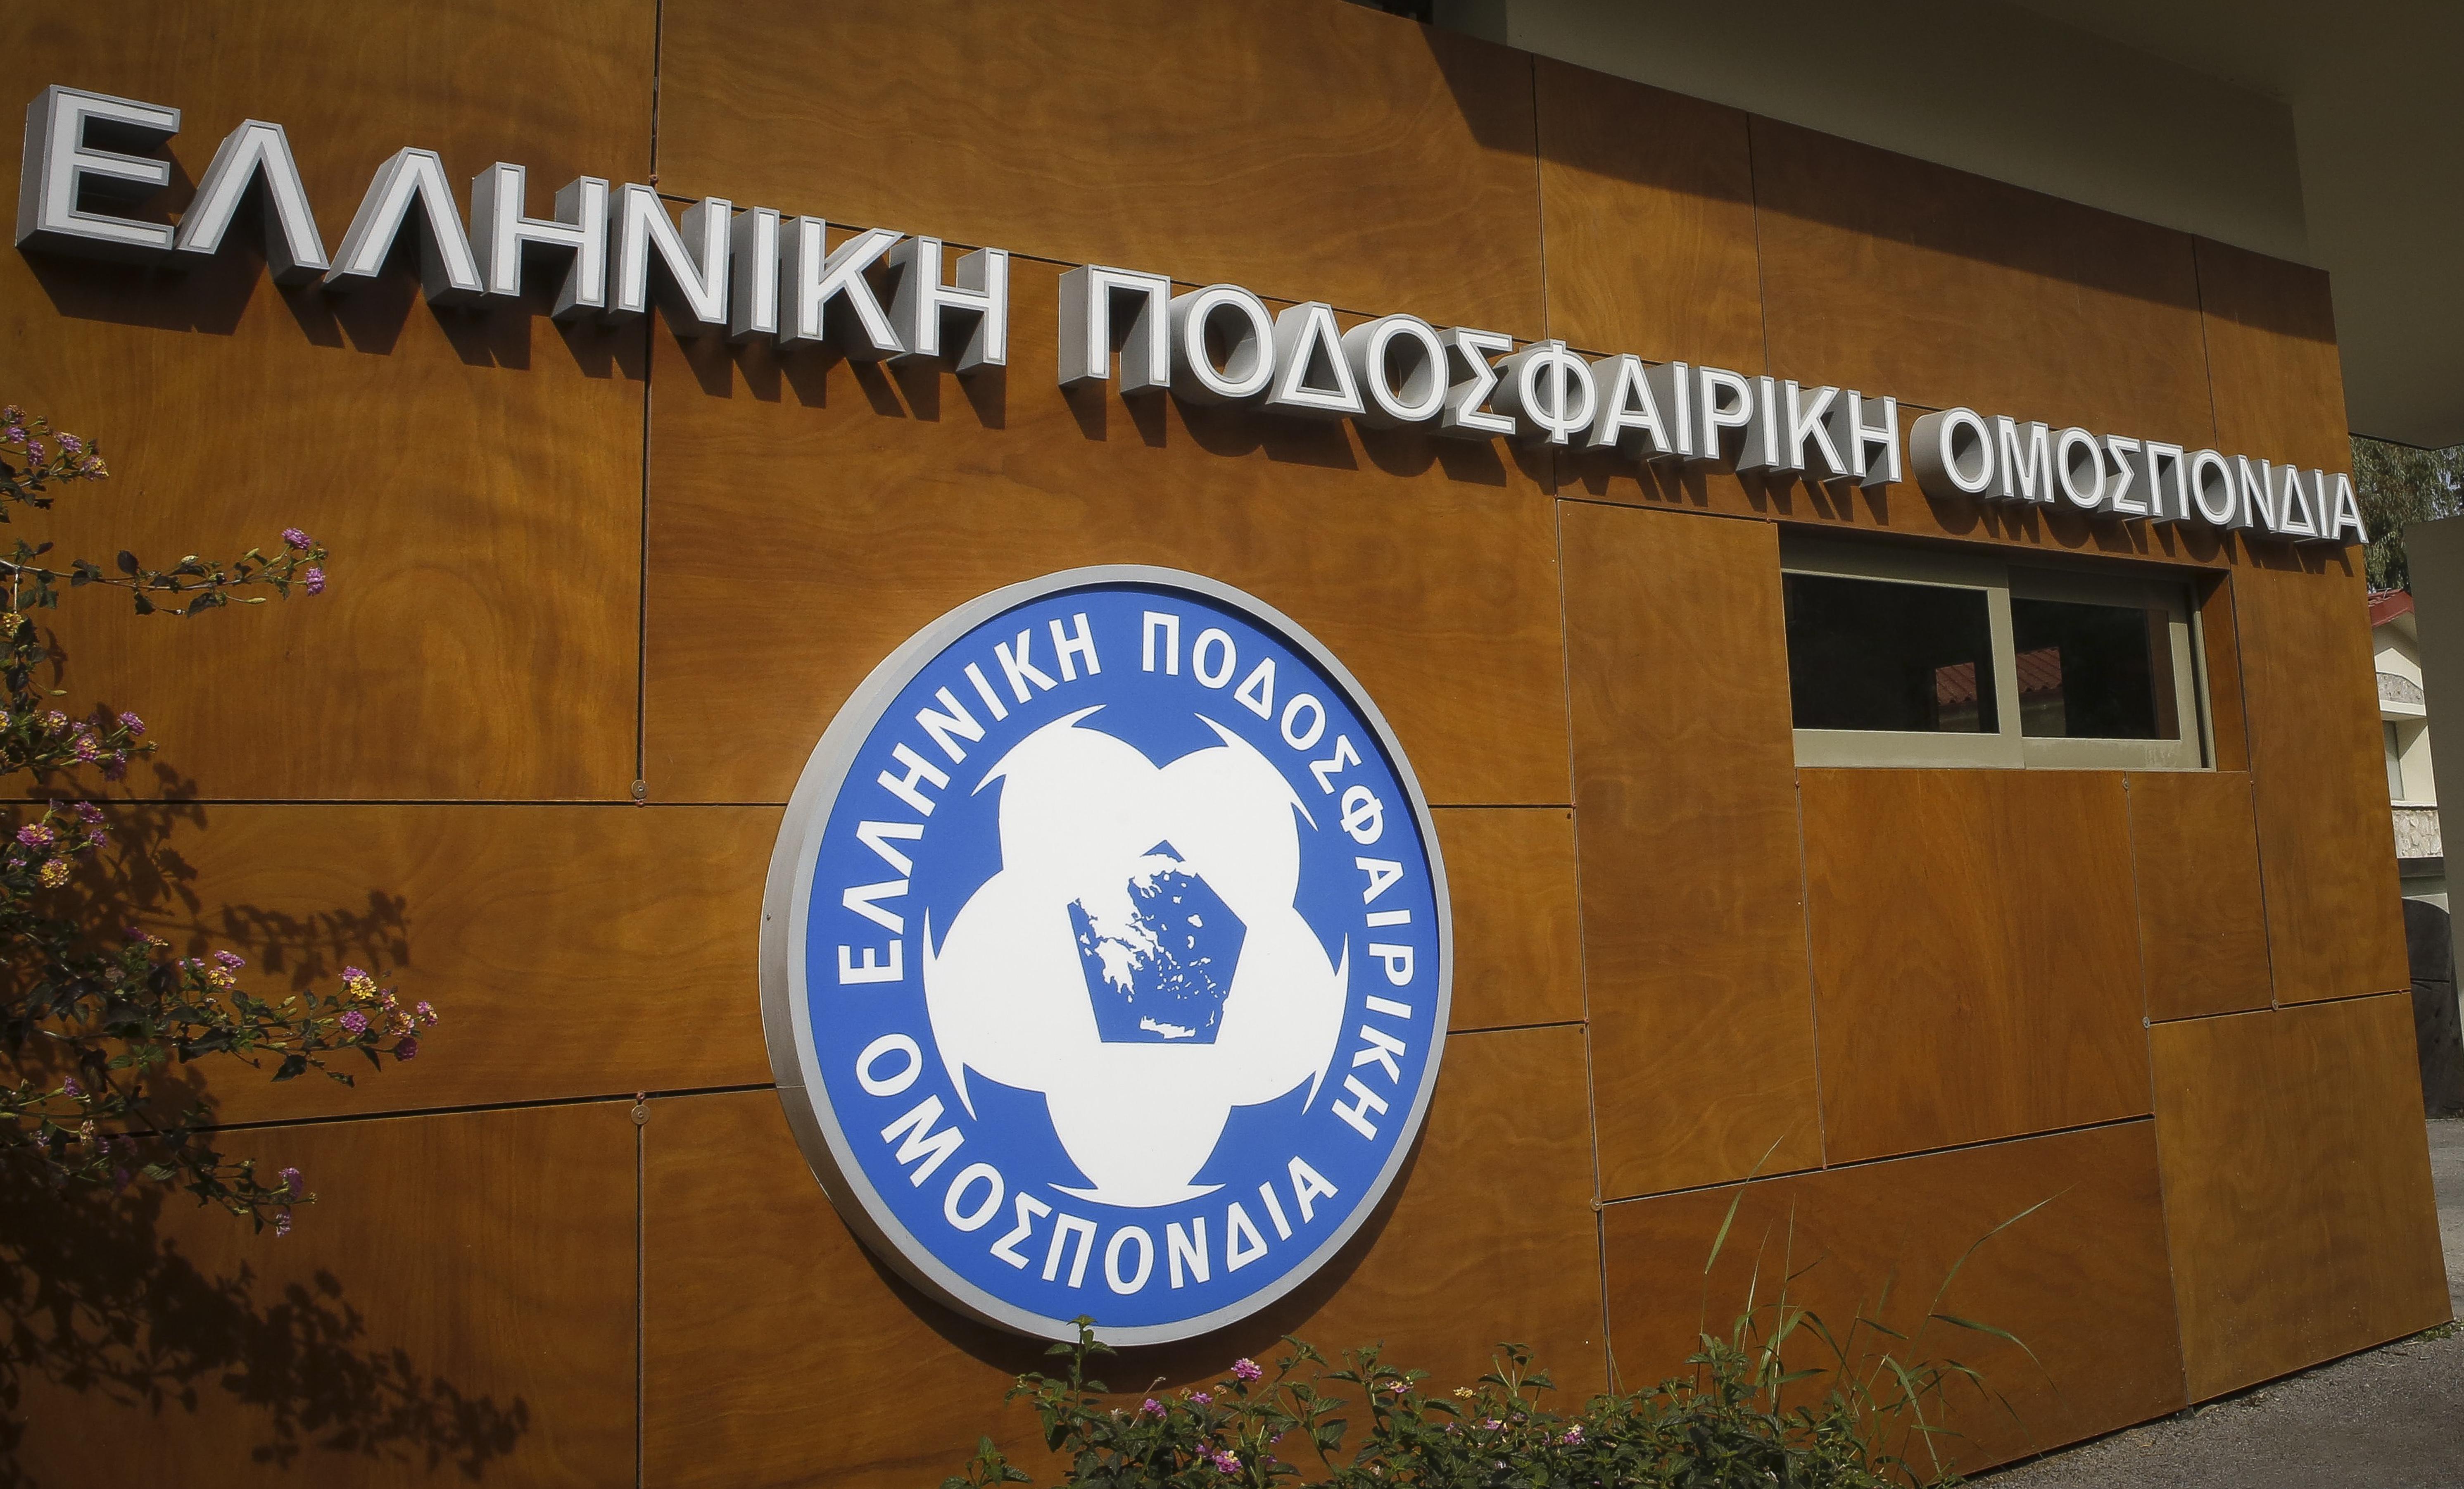 ΕΠΟ: Μεταθέτει τους ημιτελικούς του Κυπέλλου Ελλάδας   tovima.gr